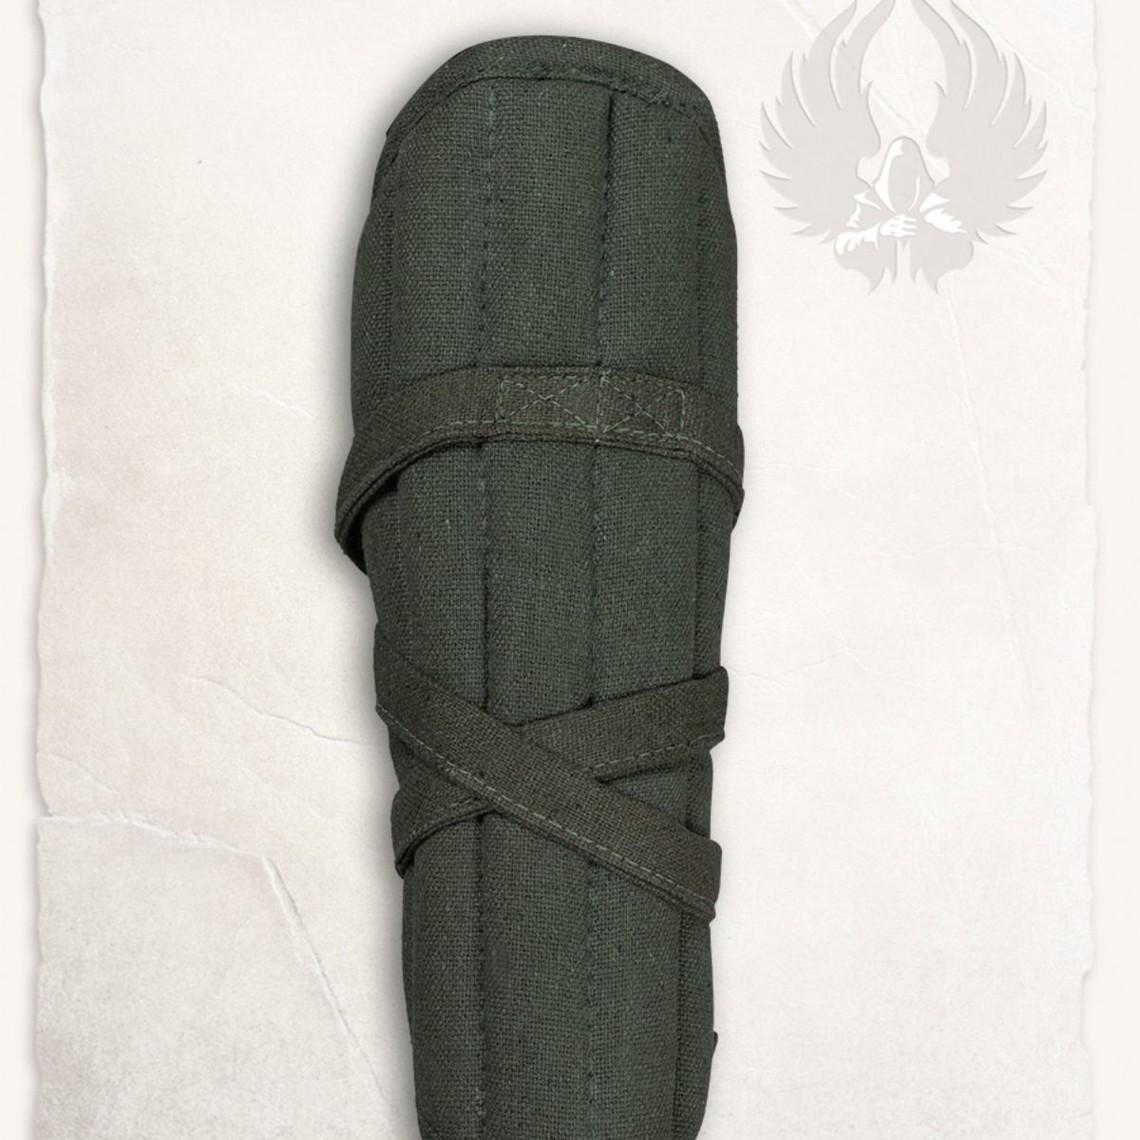 Mytholon Gambesón brazales Farald verde